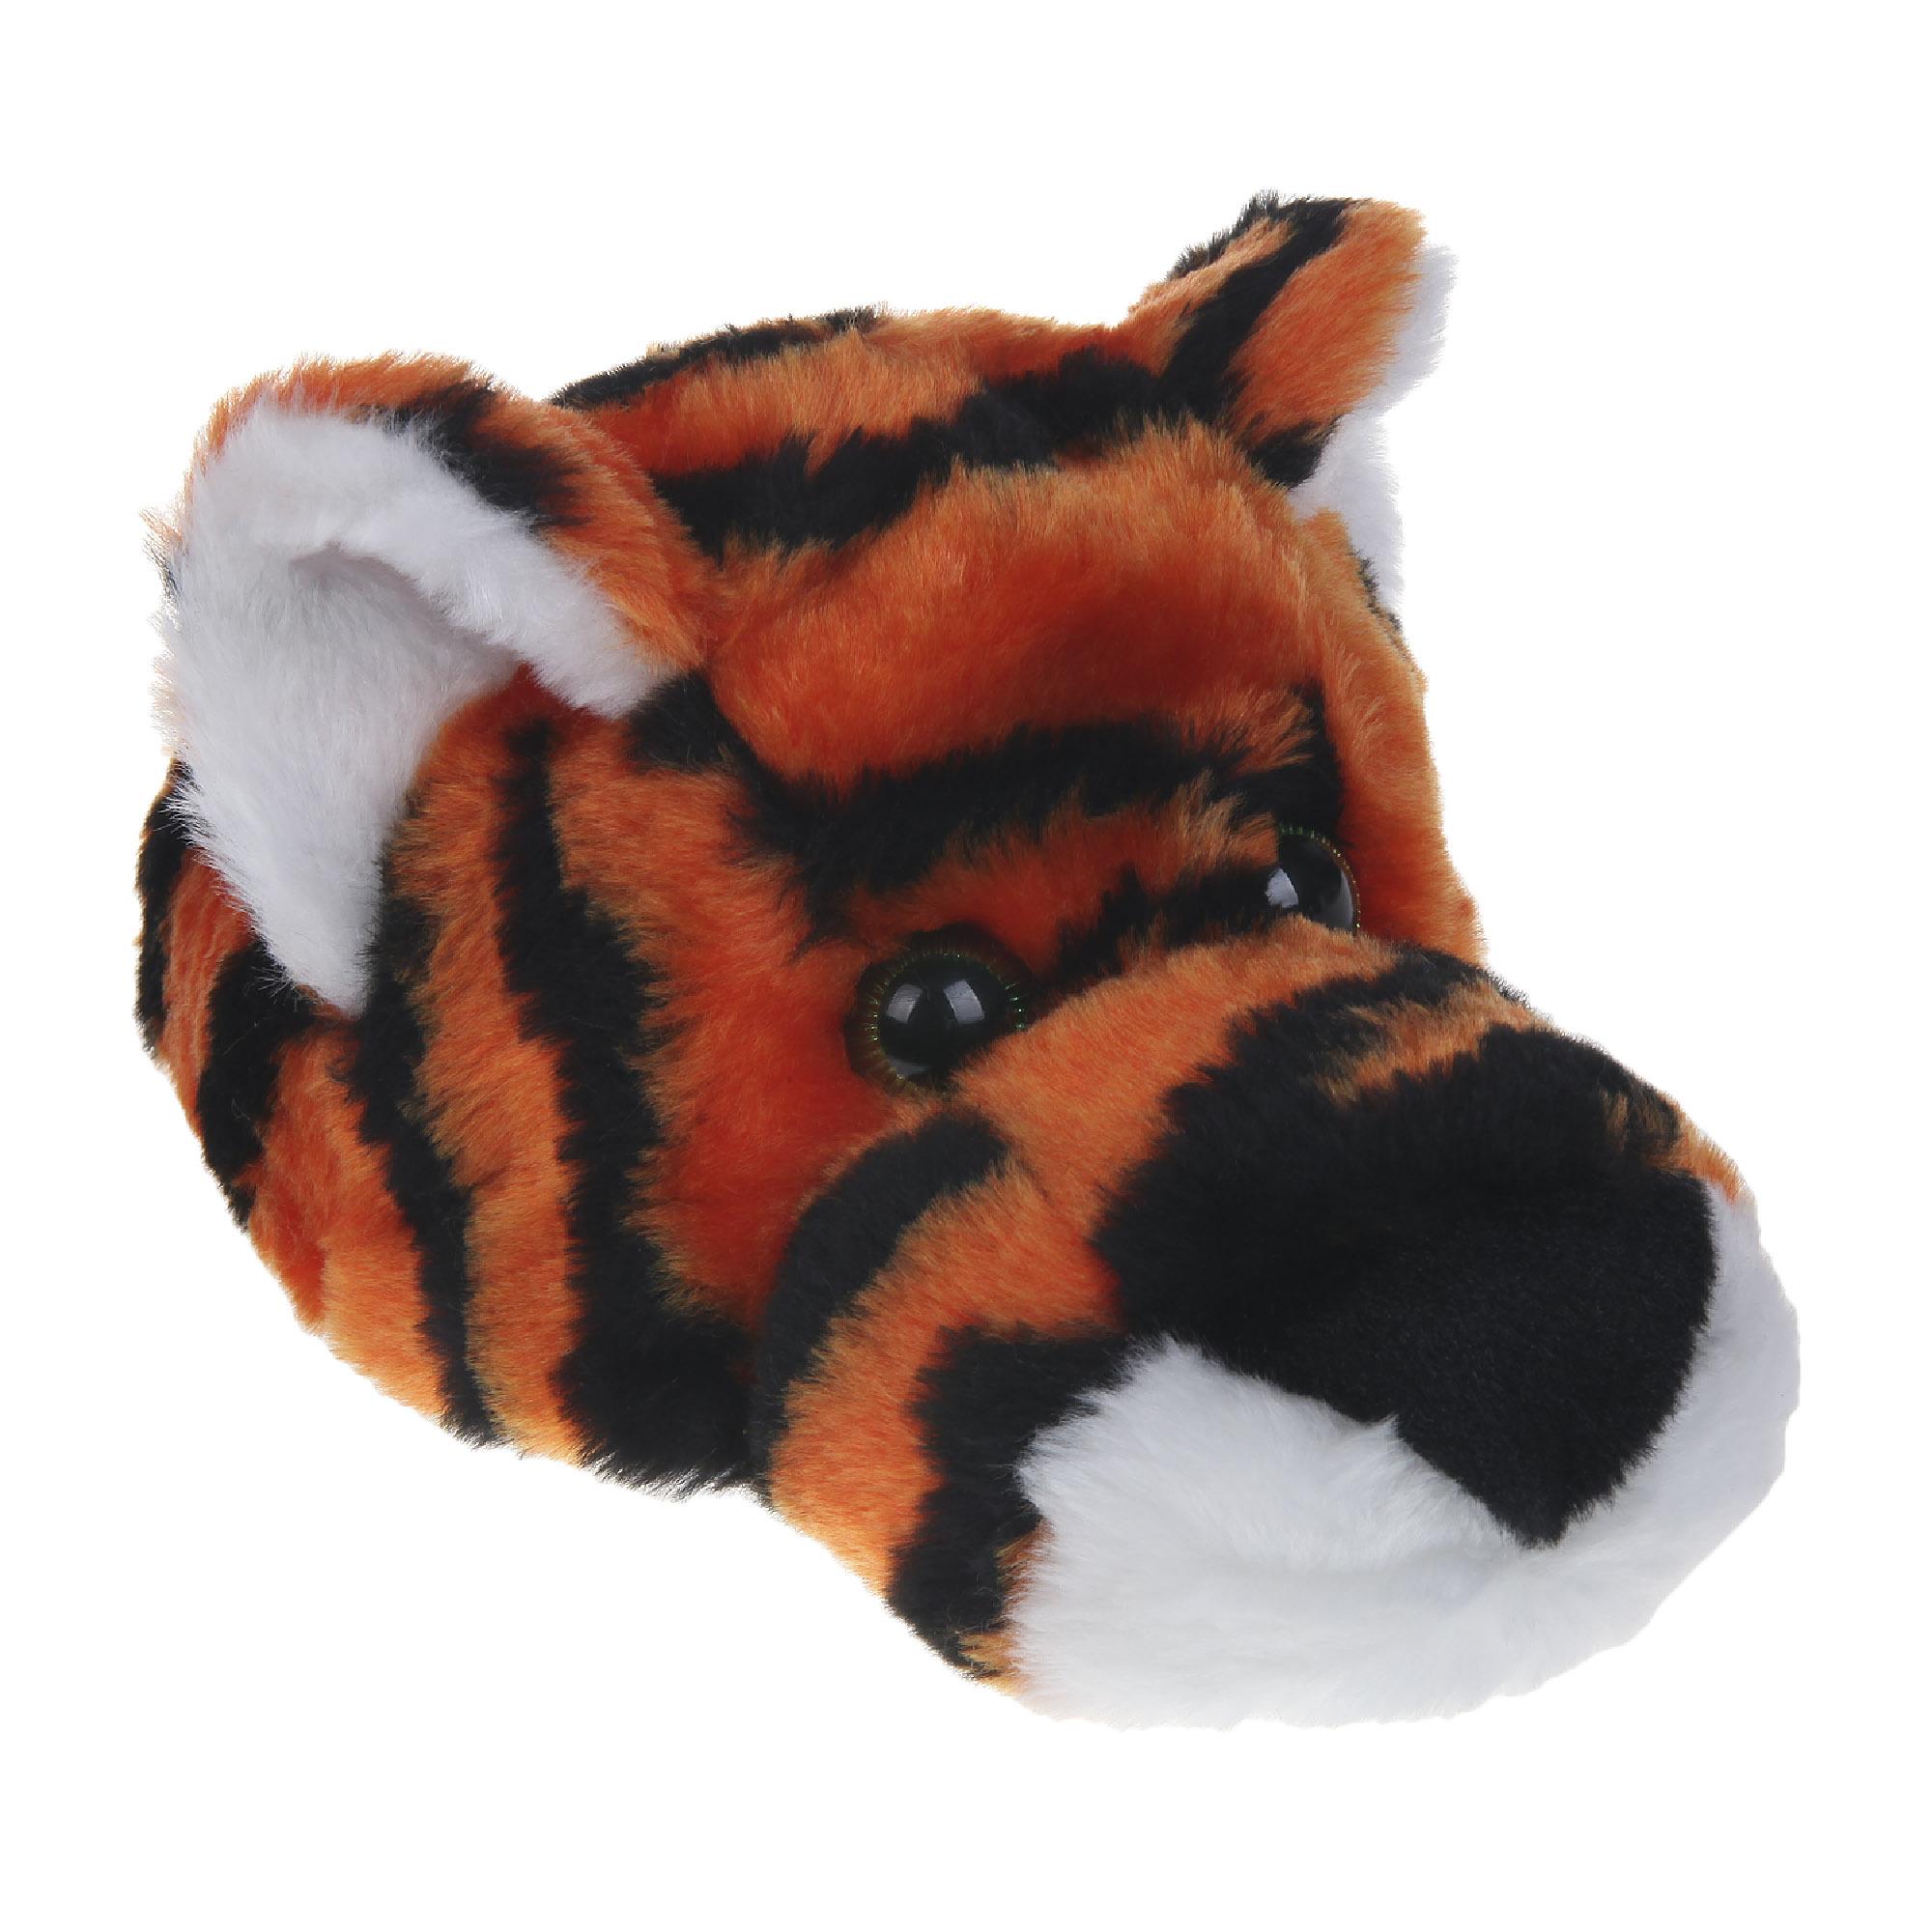 Карнавальная шапочка тигренка Perfectech interna